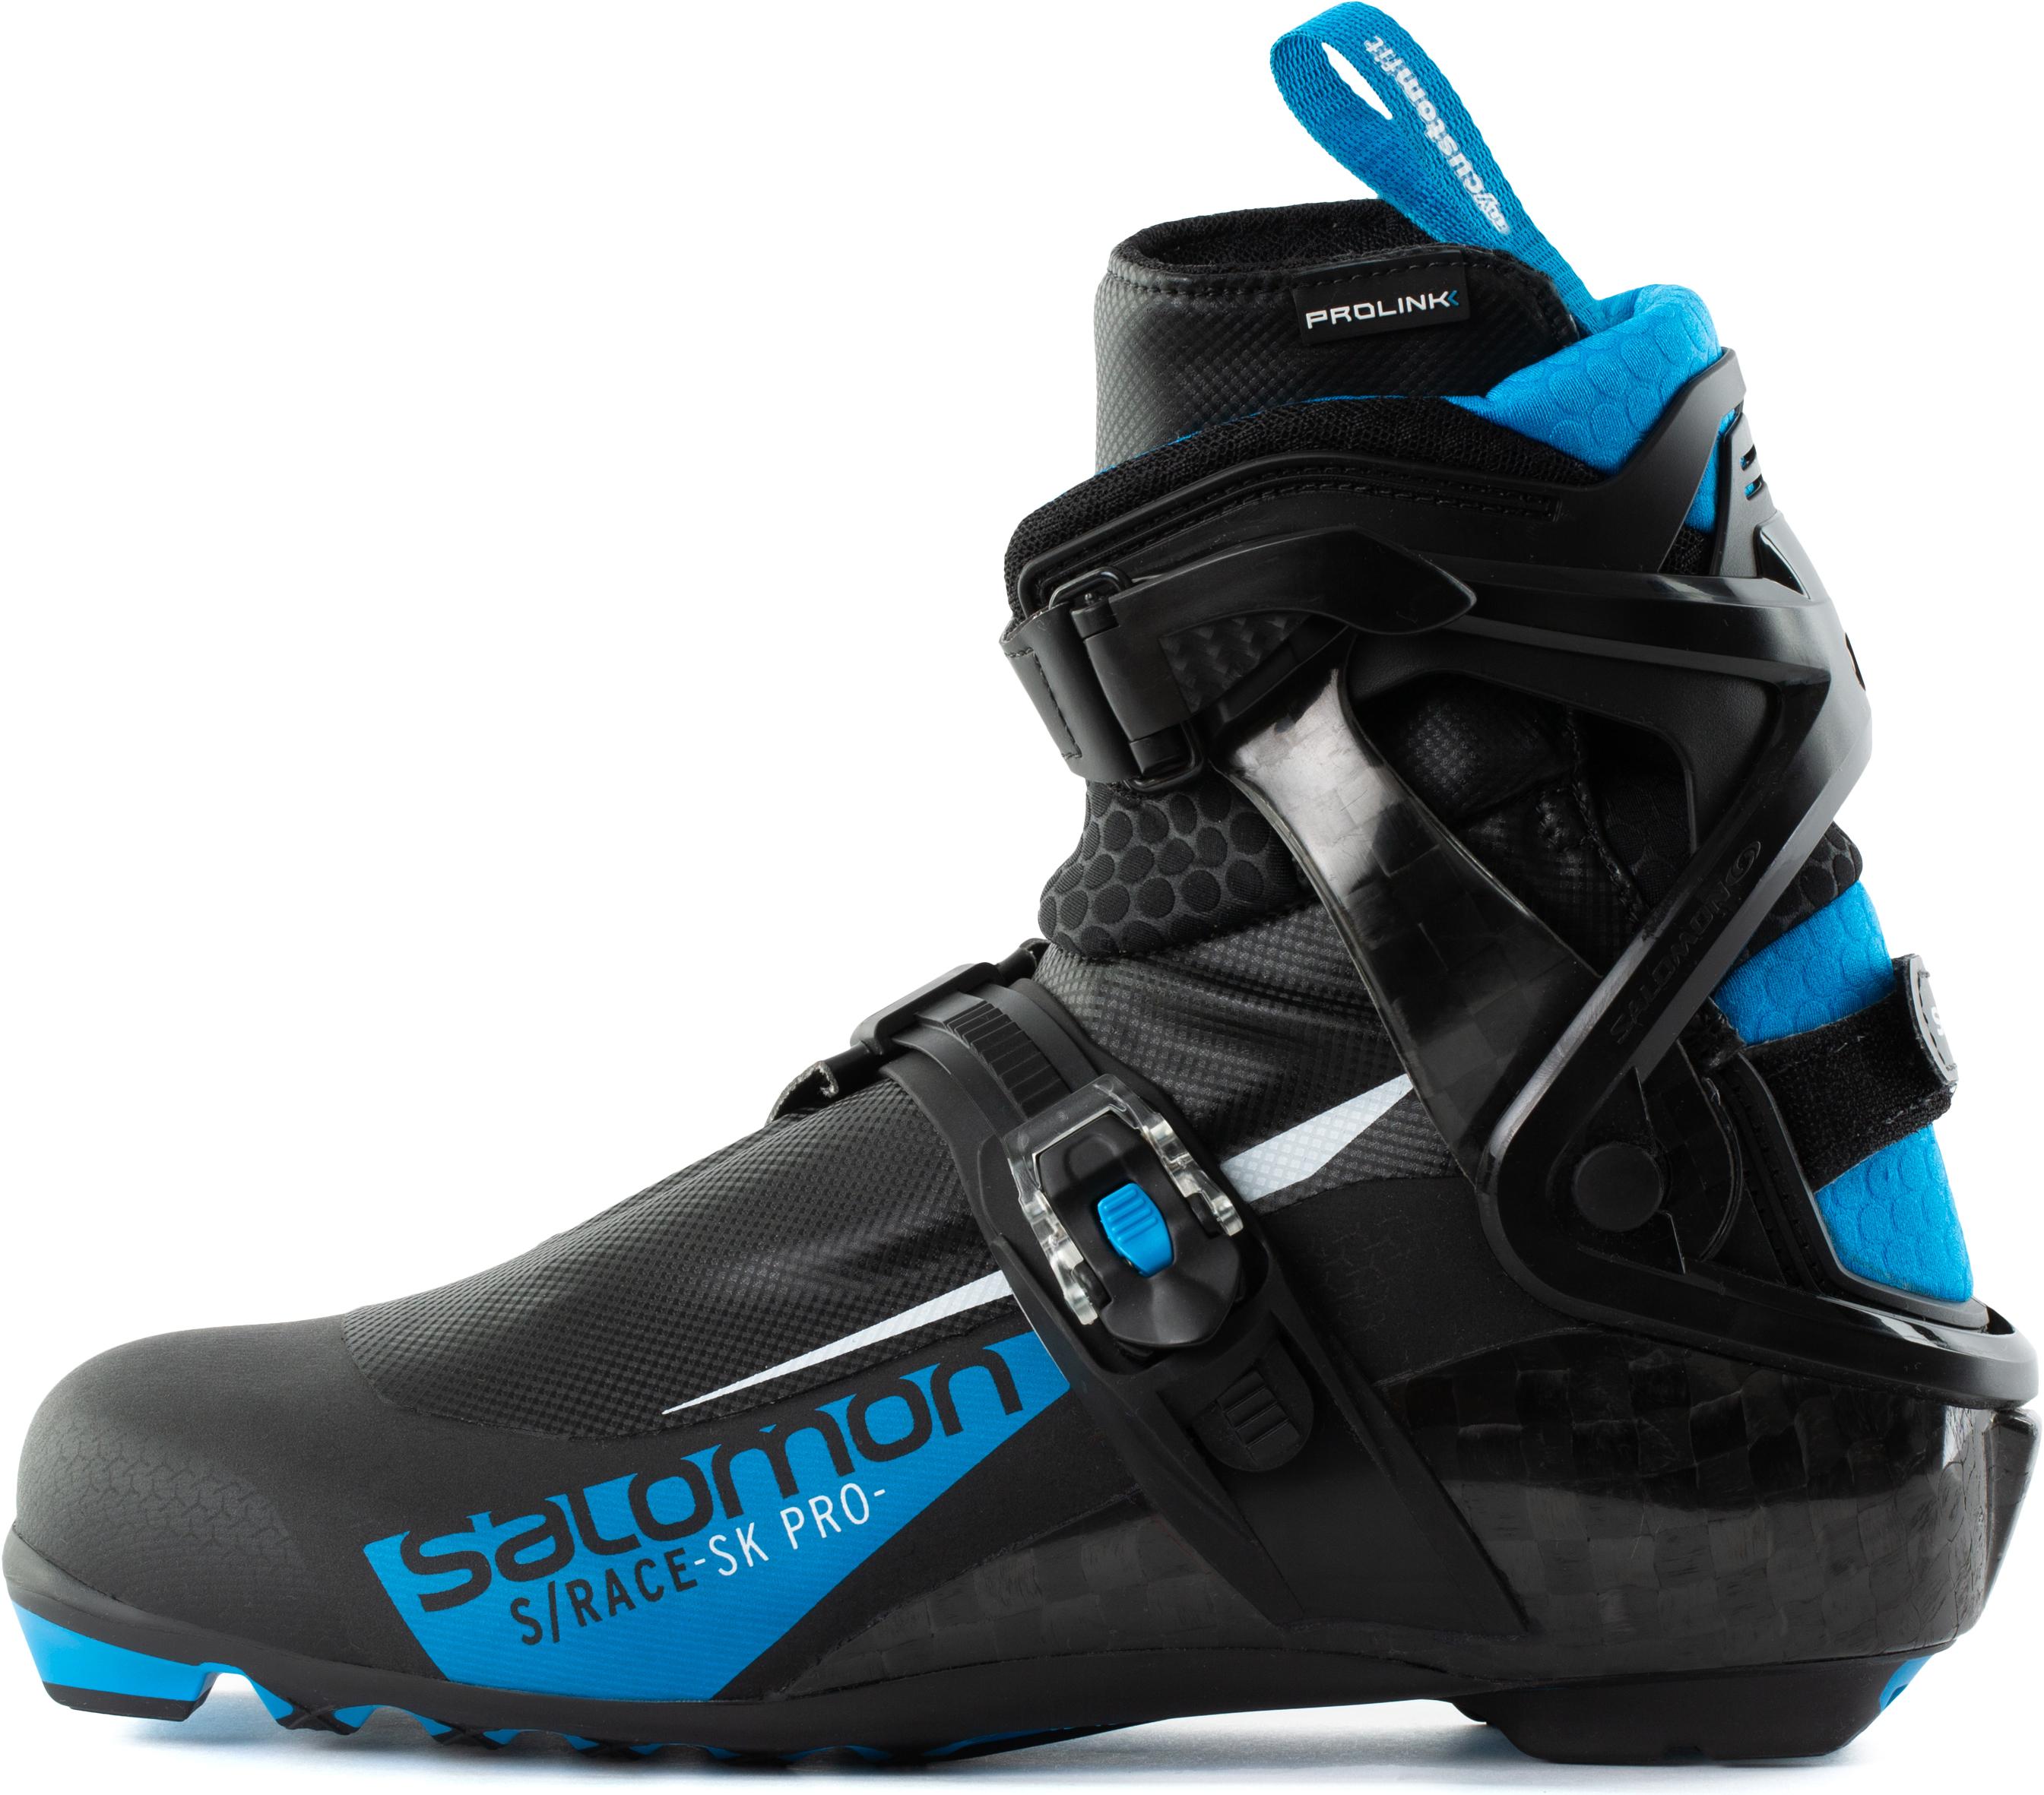 Salomon S/RACE SK PRO PROLINK все цены